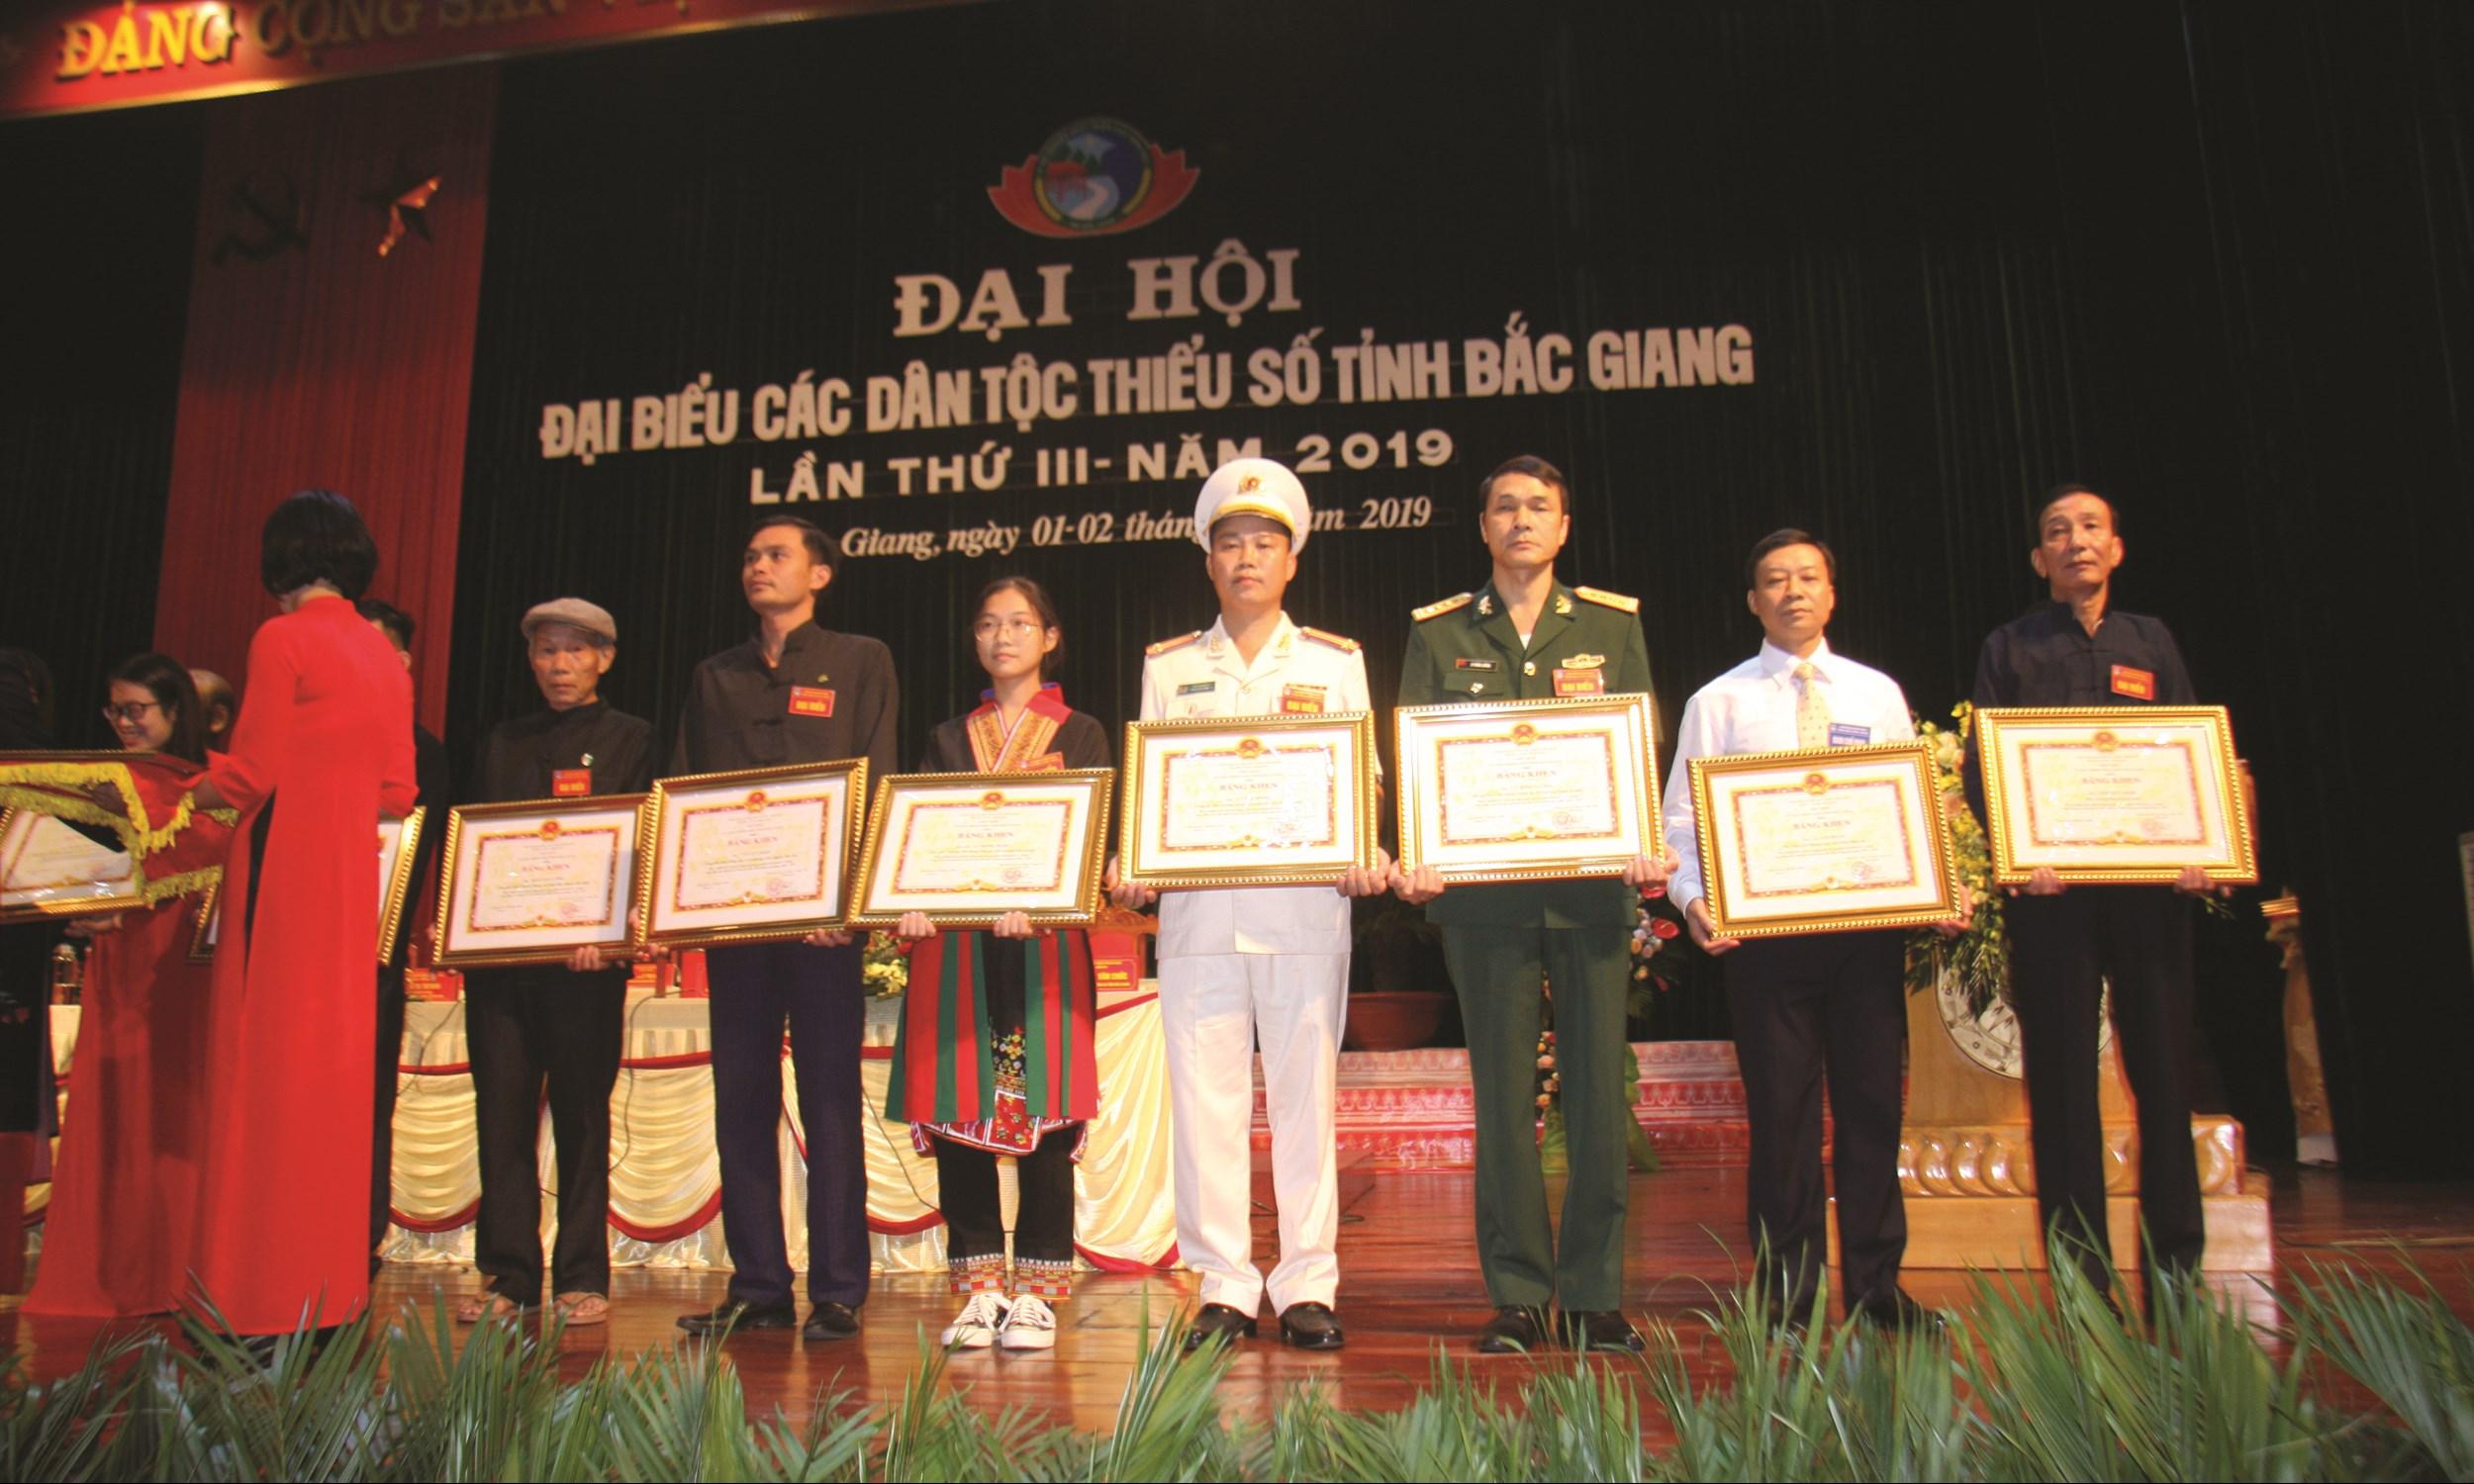 Trung tá Lý Văn Đồng (đứng thứ tư phải qua) được nhận Bằng khen của Chủ tịch UBND tỉnh.